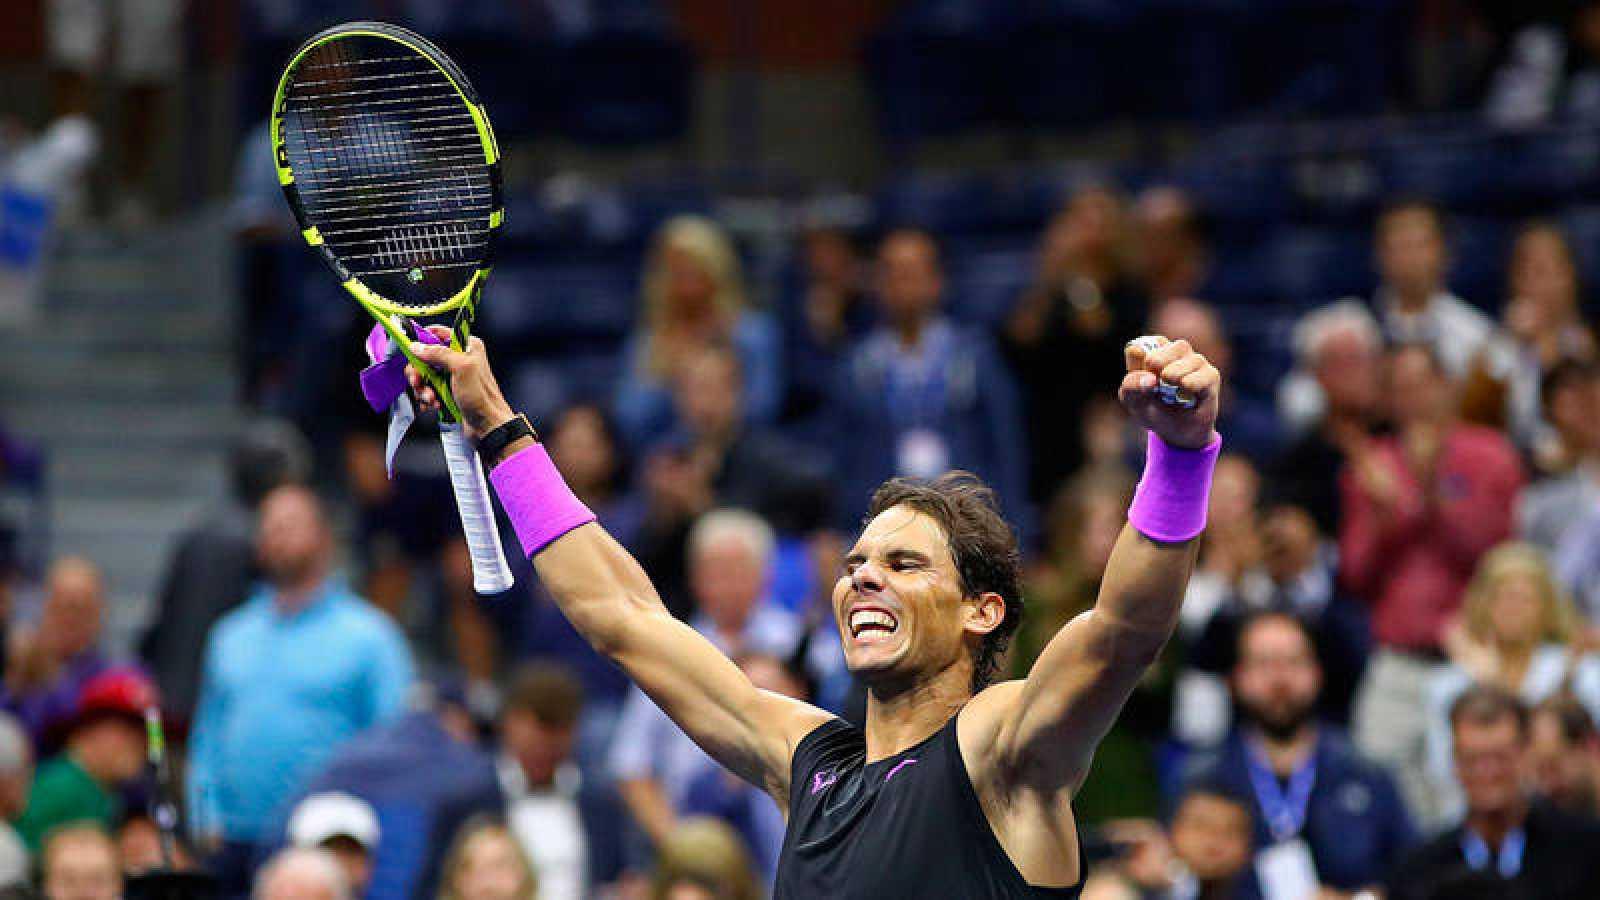 El tenista Rafa Nadal celebrando su victoria en el US Open